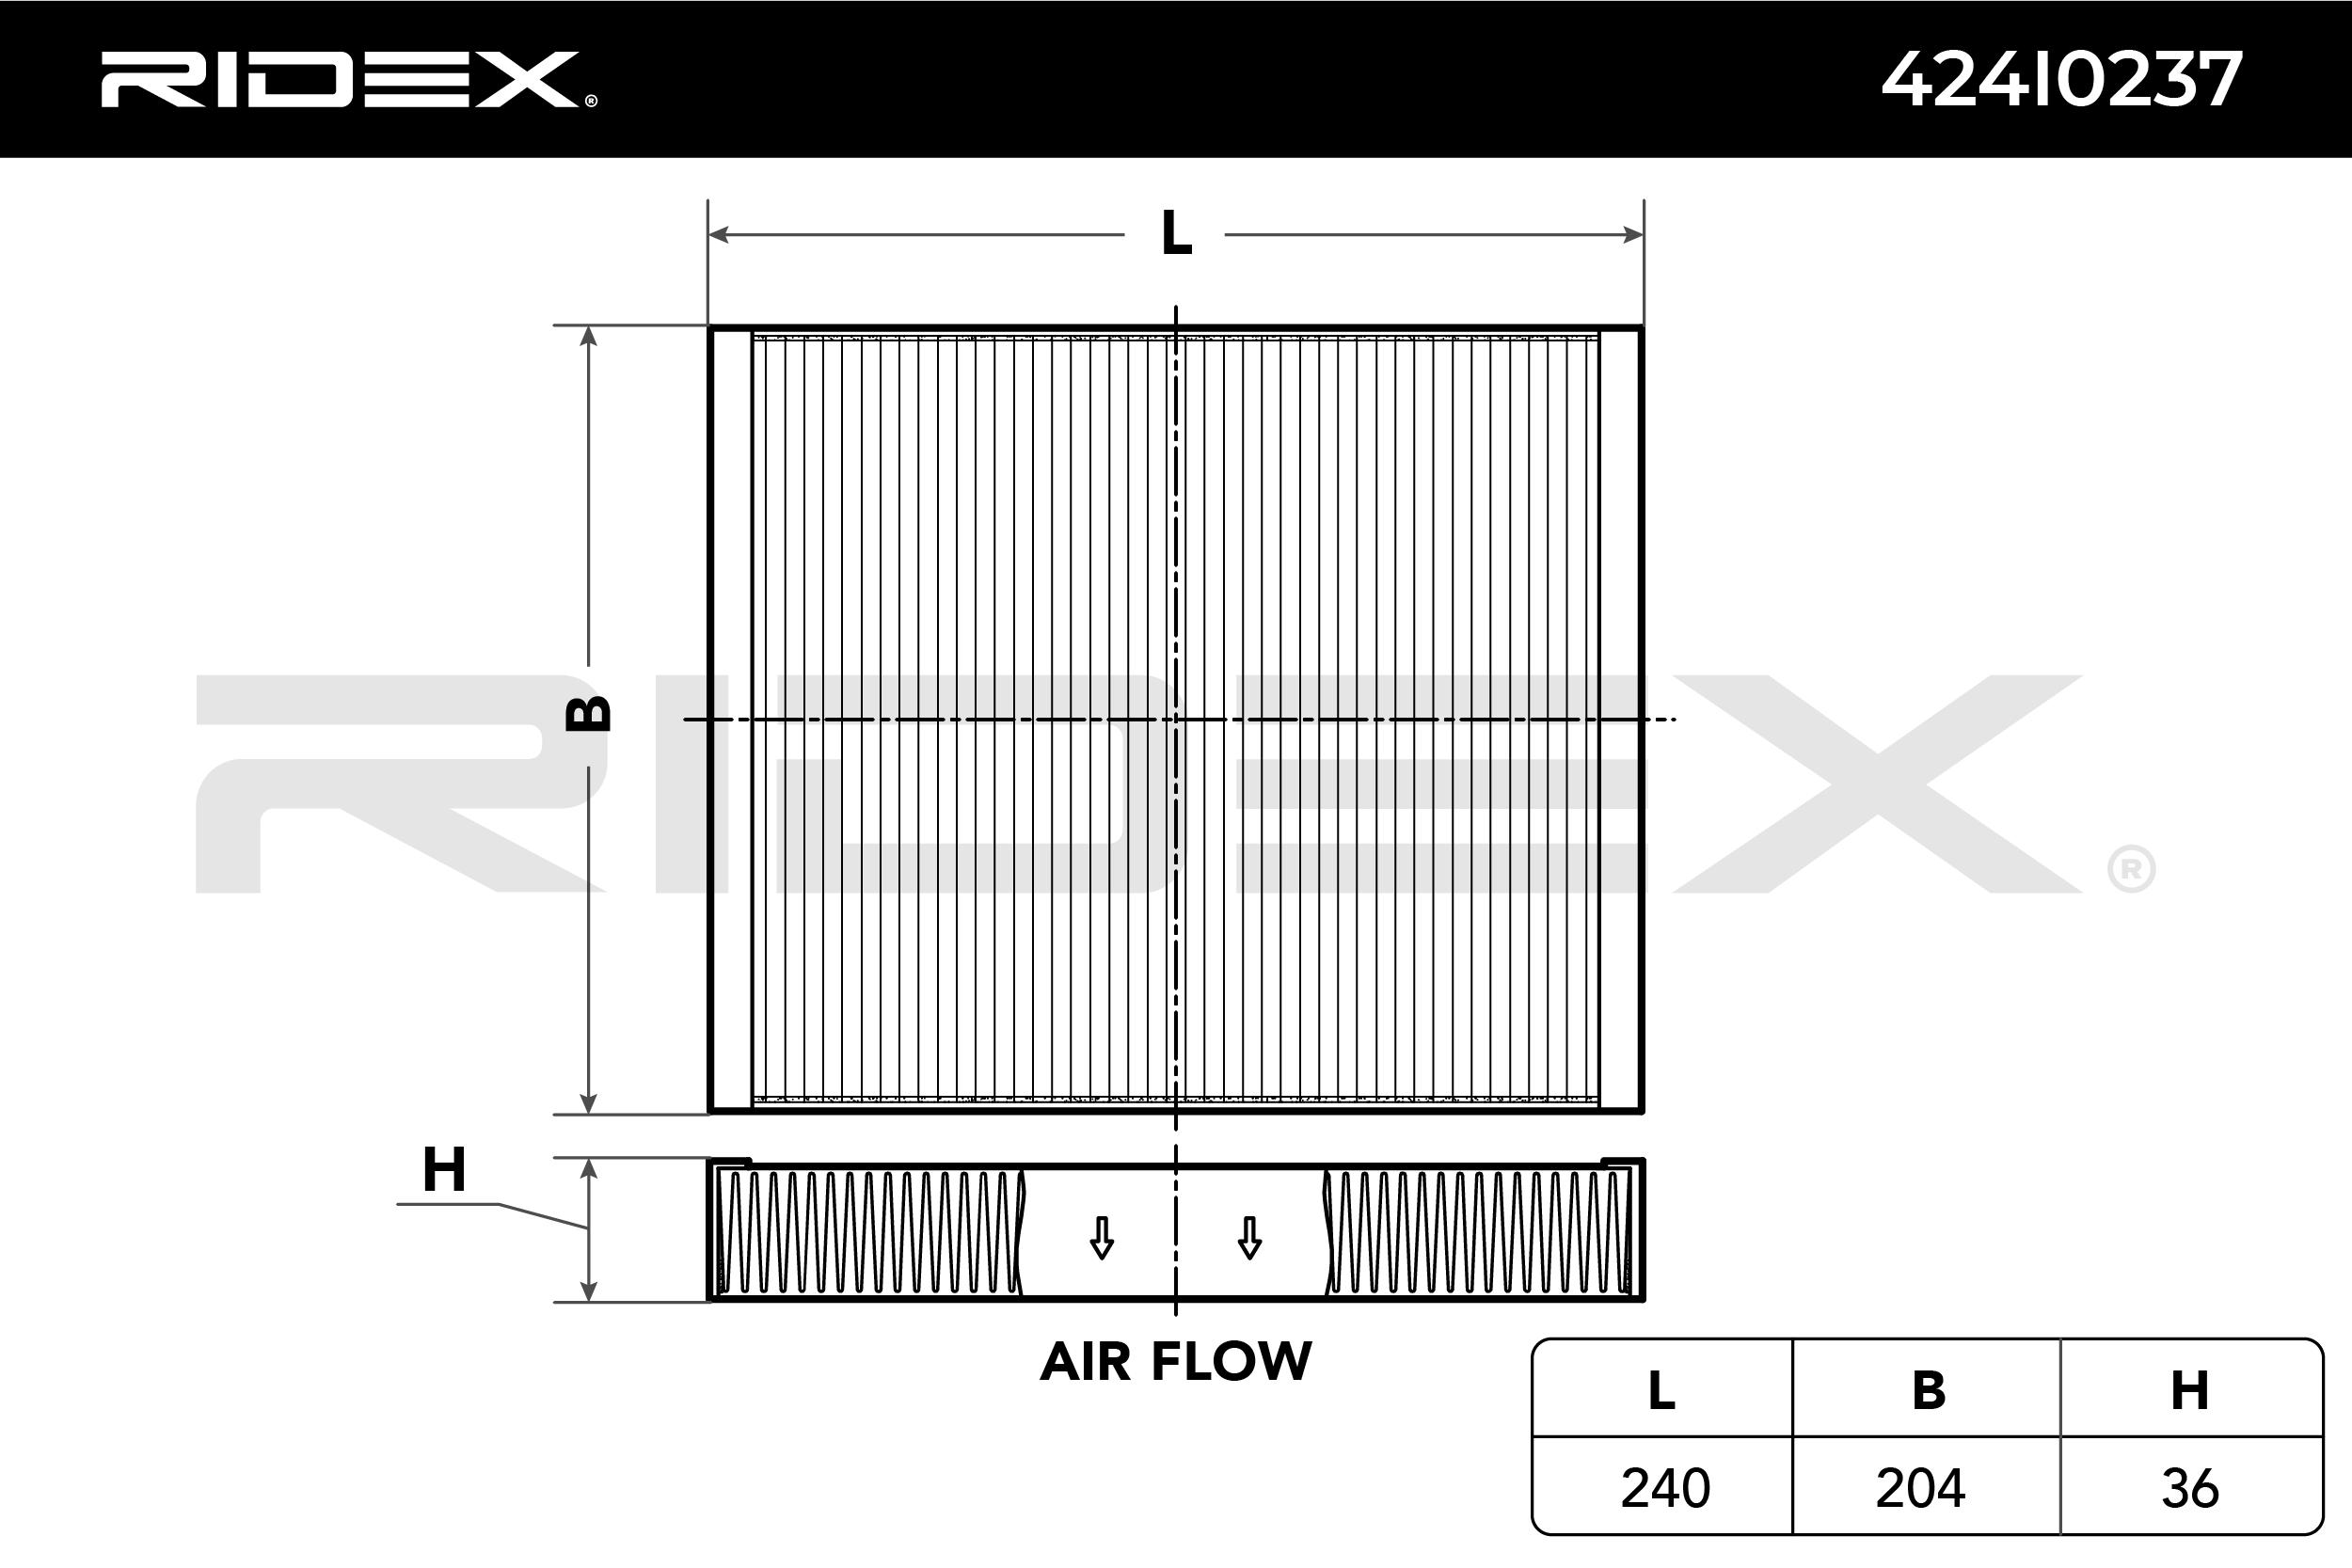 RIDEX: Original Pollenfilter 424I0237 (Breite: 204mm, Höhe: 36mm, Länge: 240mm)